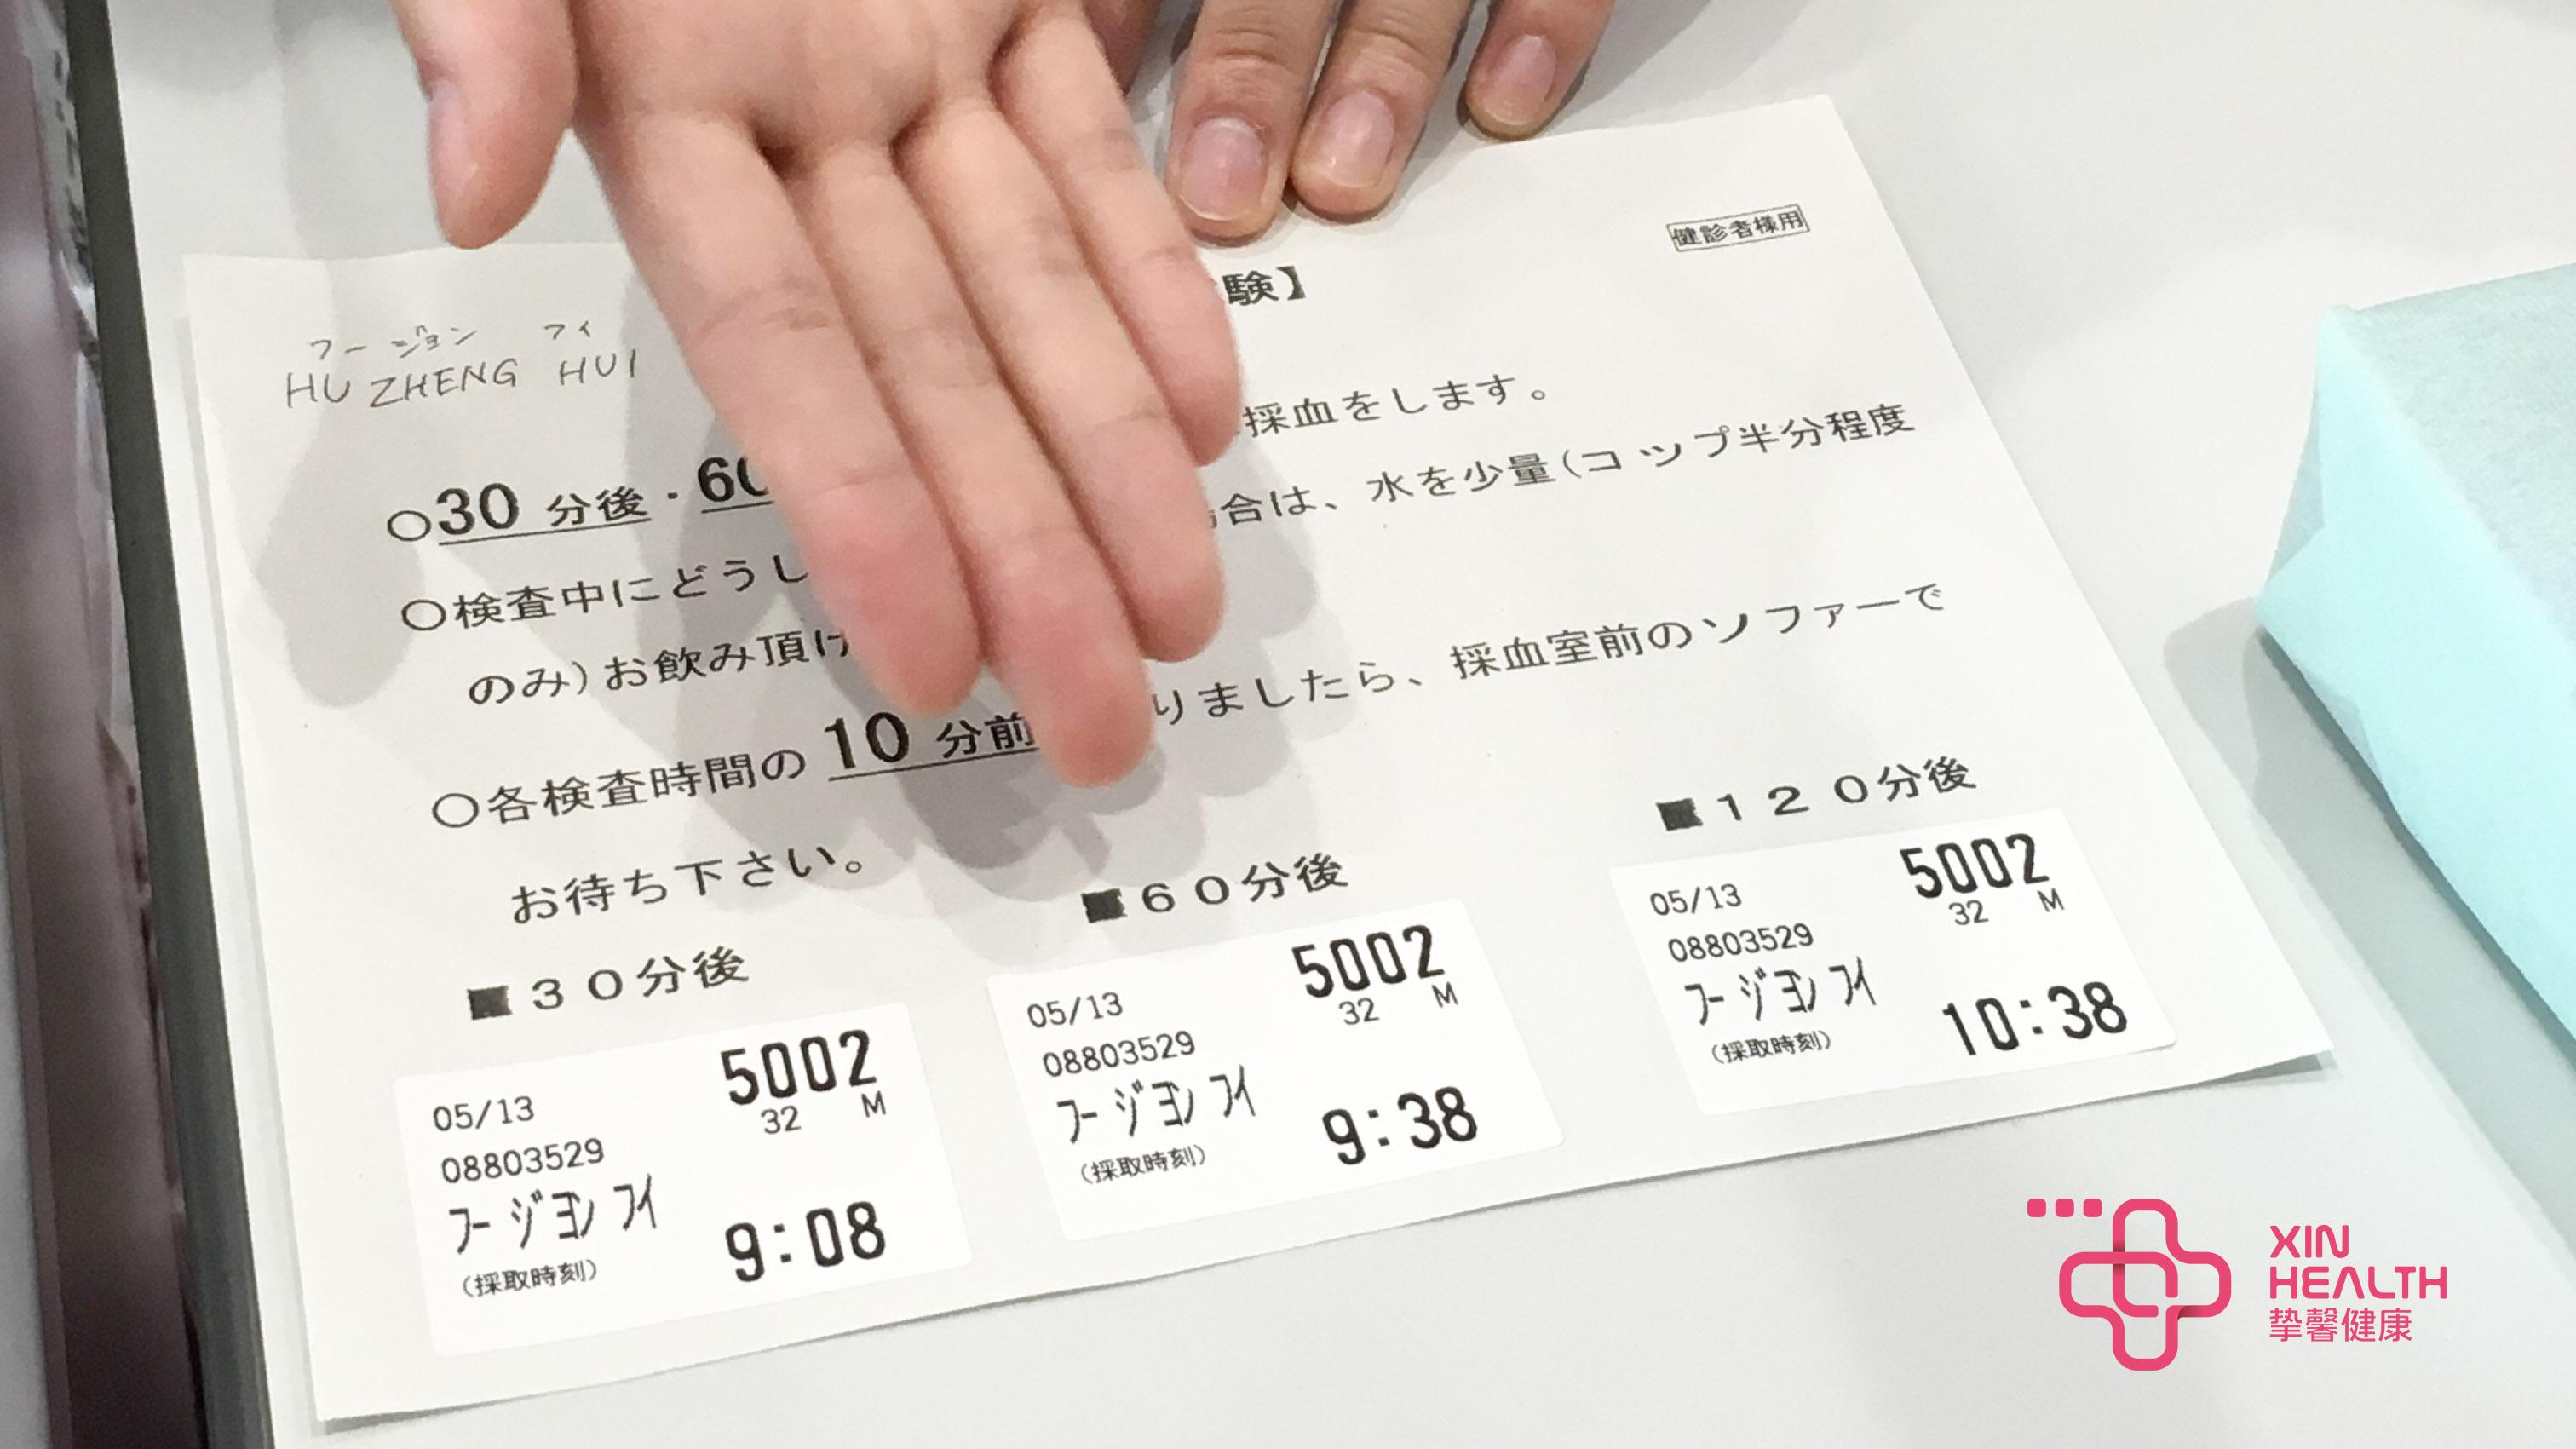 日本高级体检75g糖代谢测试时间表